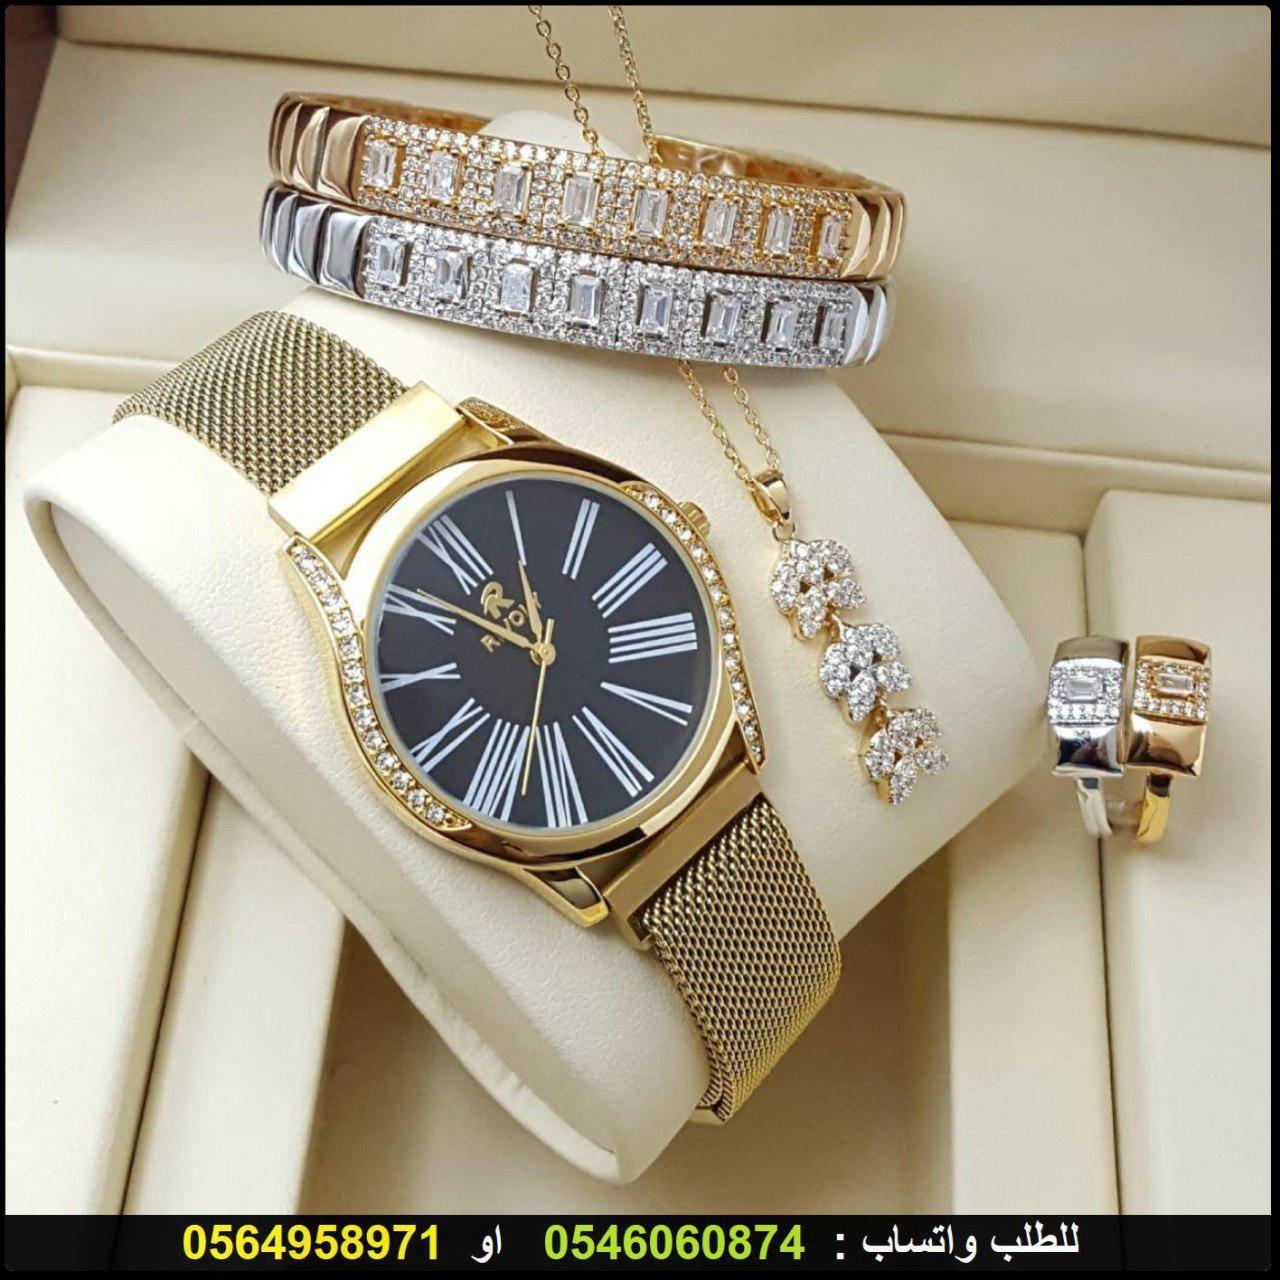 ساعات ريفولي نسائي مع سلسال و 2 اساور و 2 خواتم هدايا هنوف Gold Watch Accessories Gold